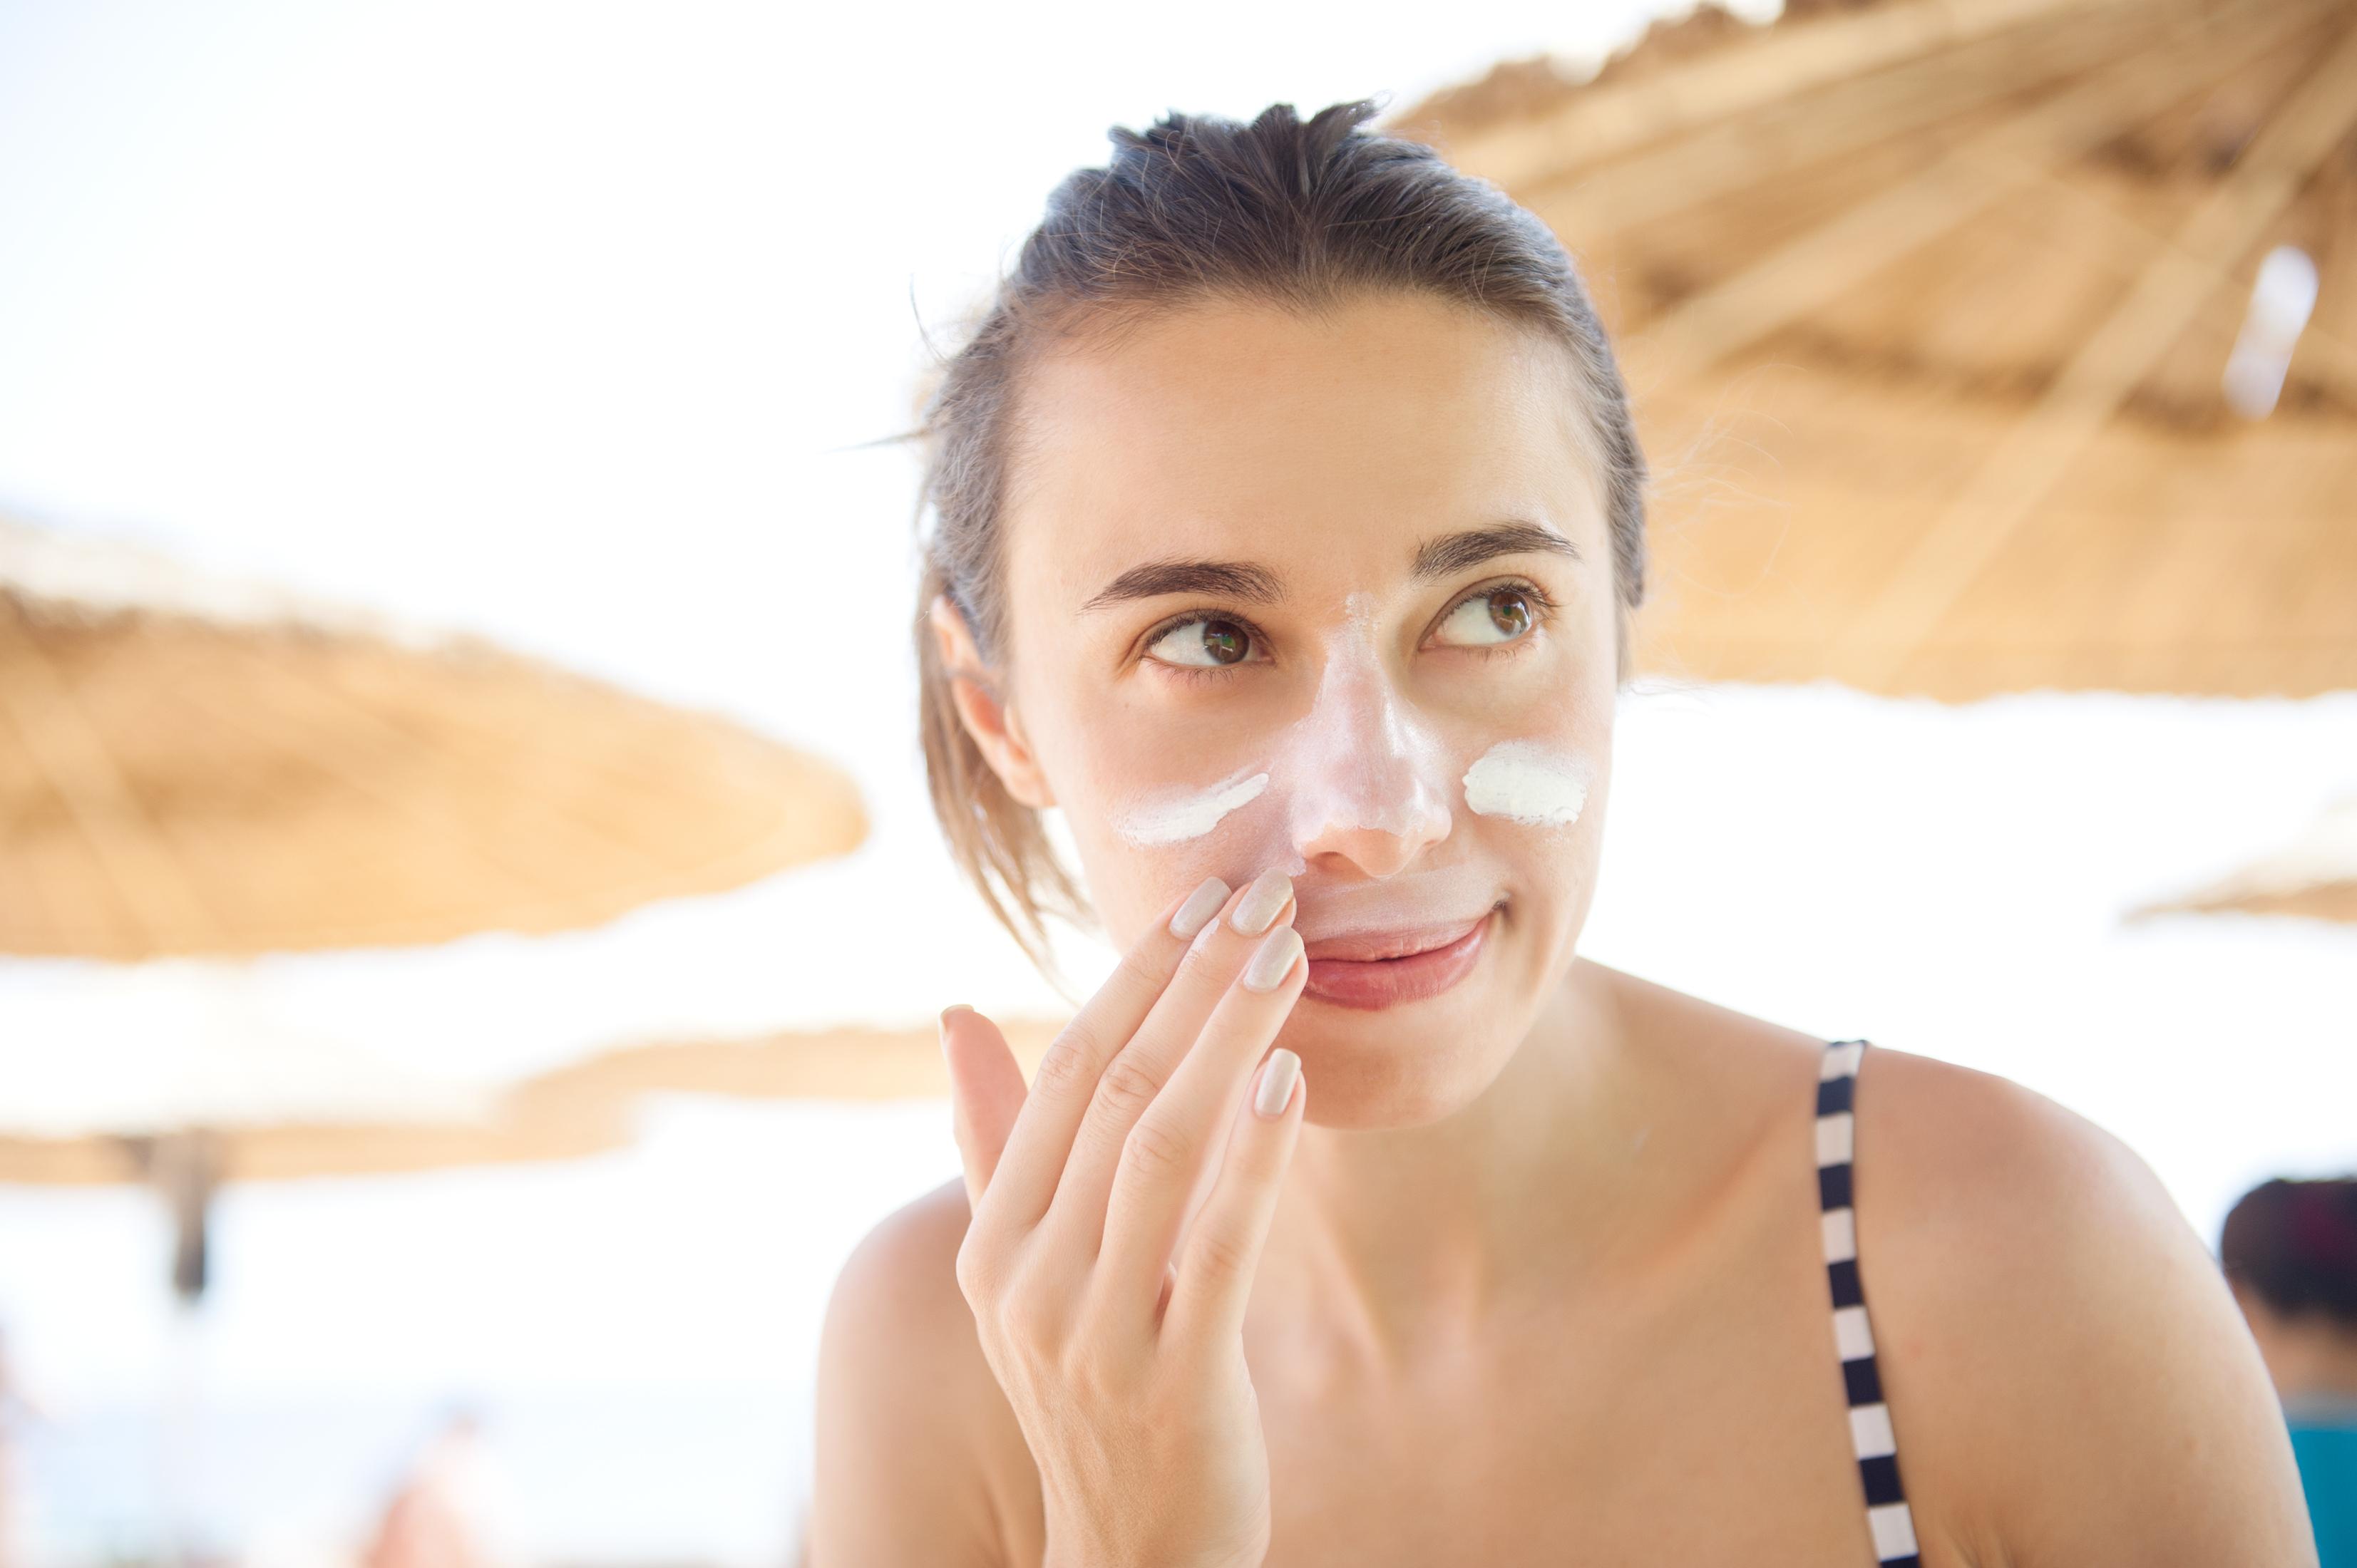 De är viktigt att vi är rädda om vår hud dagligen och skyddar oss mot solen, exempelvis med solskyddsfaktor.